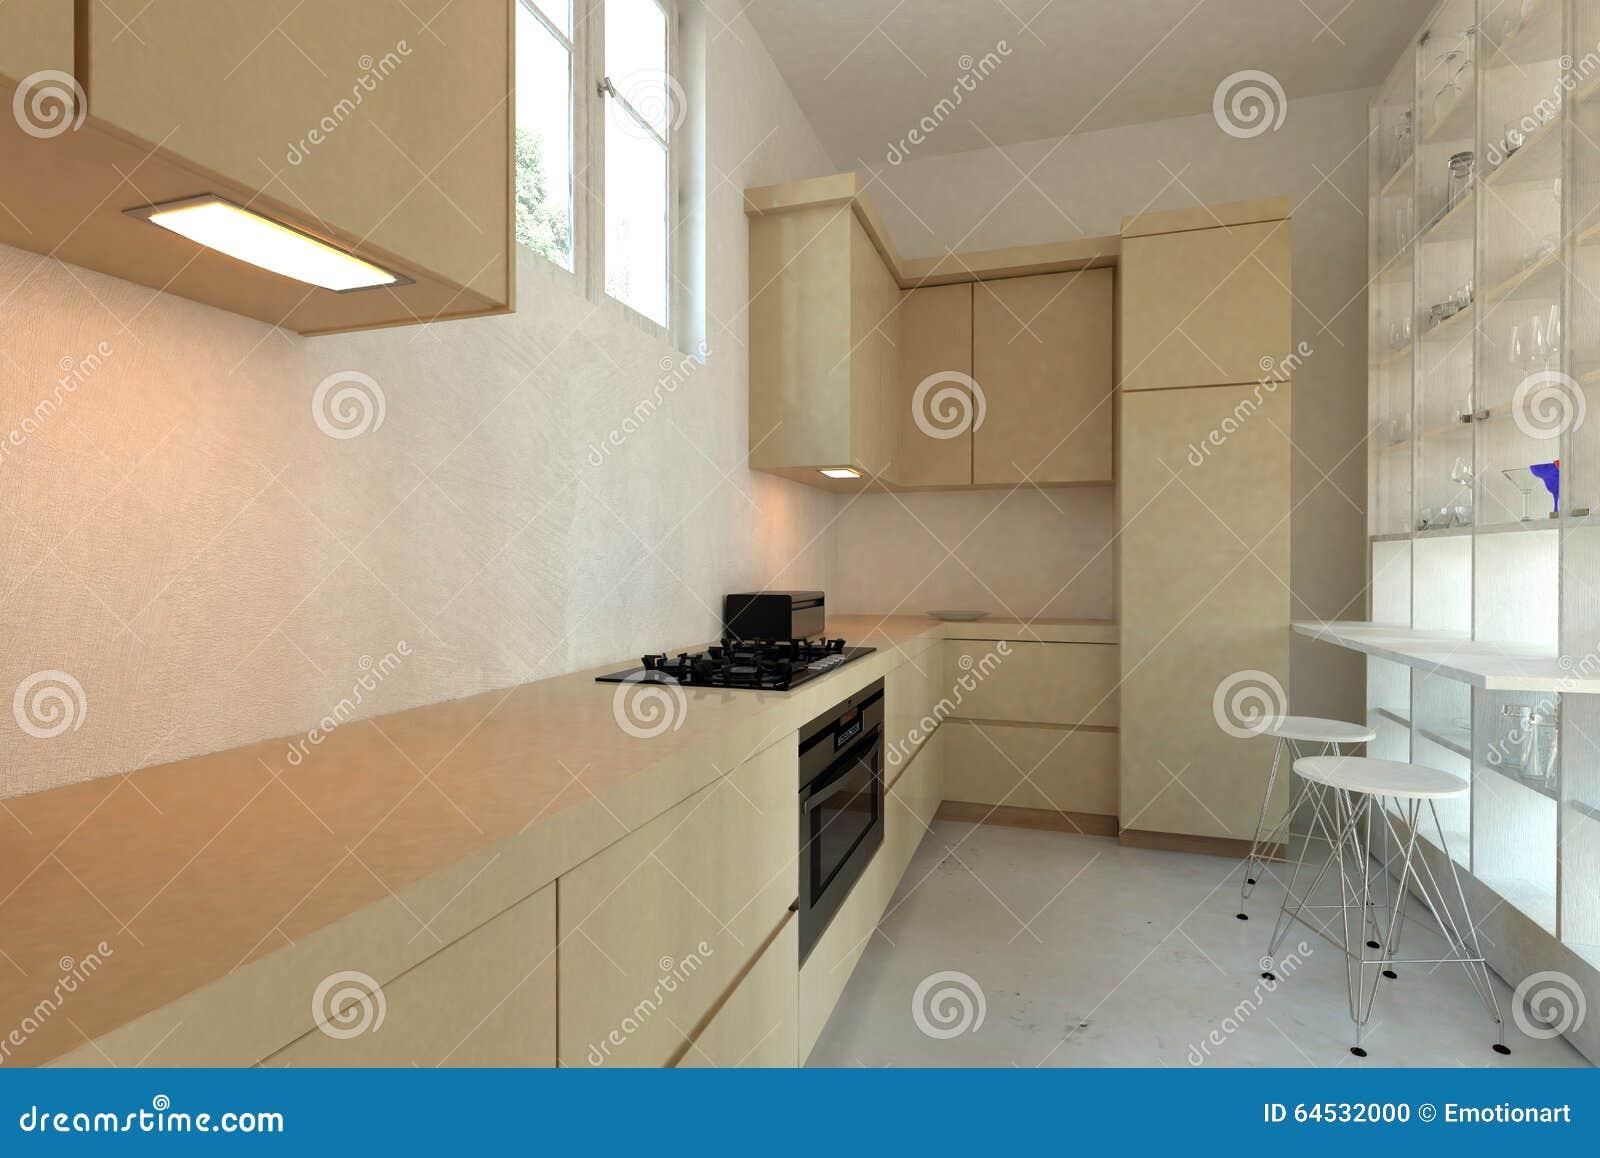 Brede Woonkamer Inrichten : Lange woonkamer inrichten inspiratie in de woonkamer met nieuw